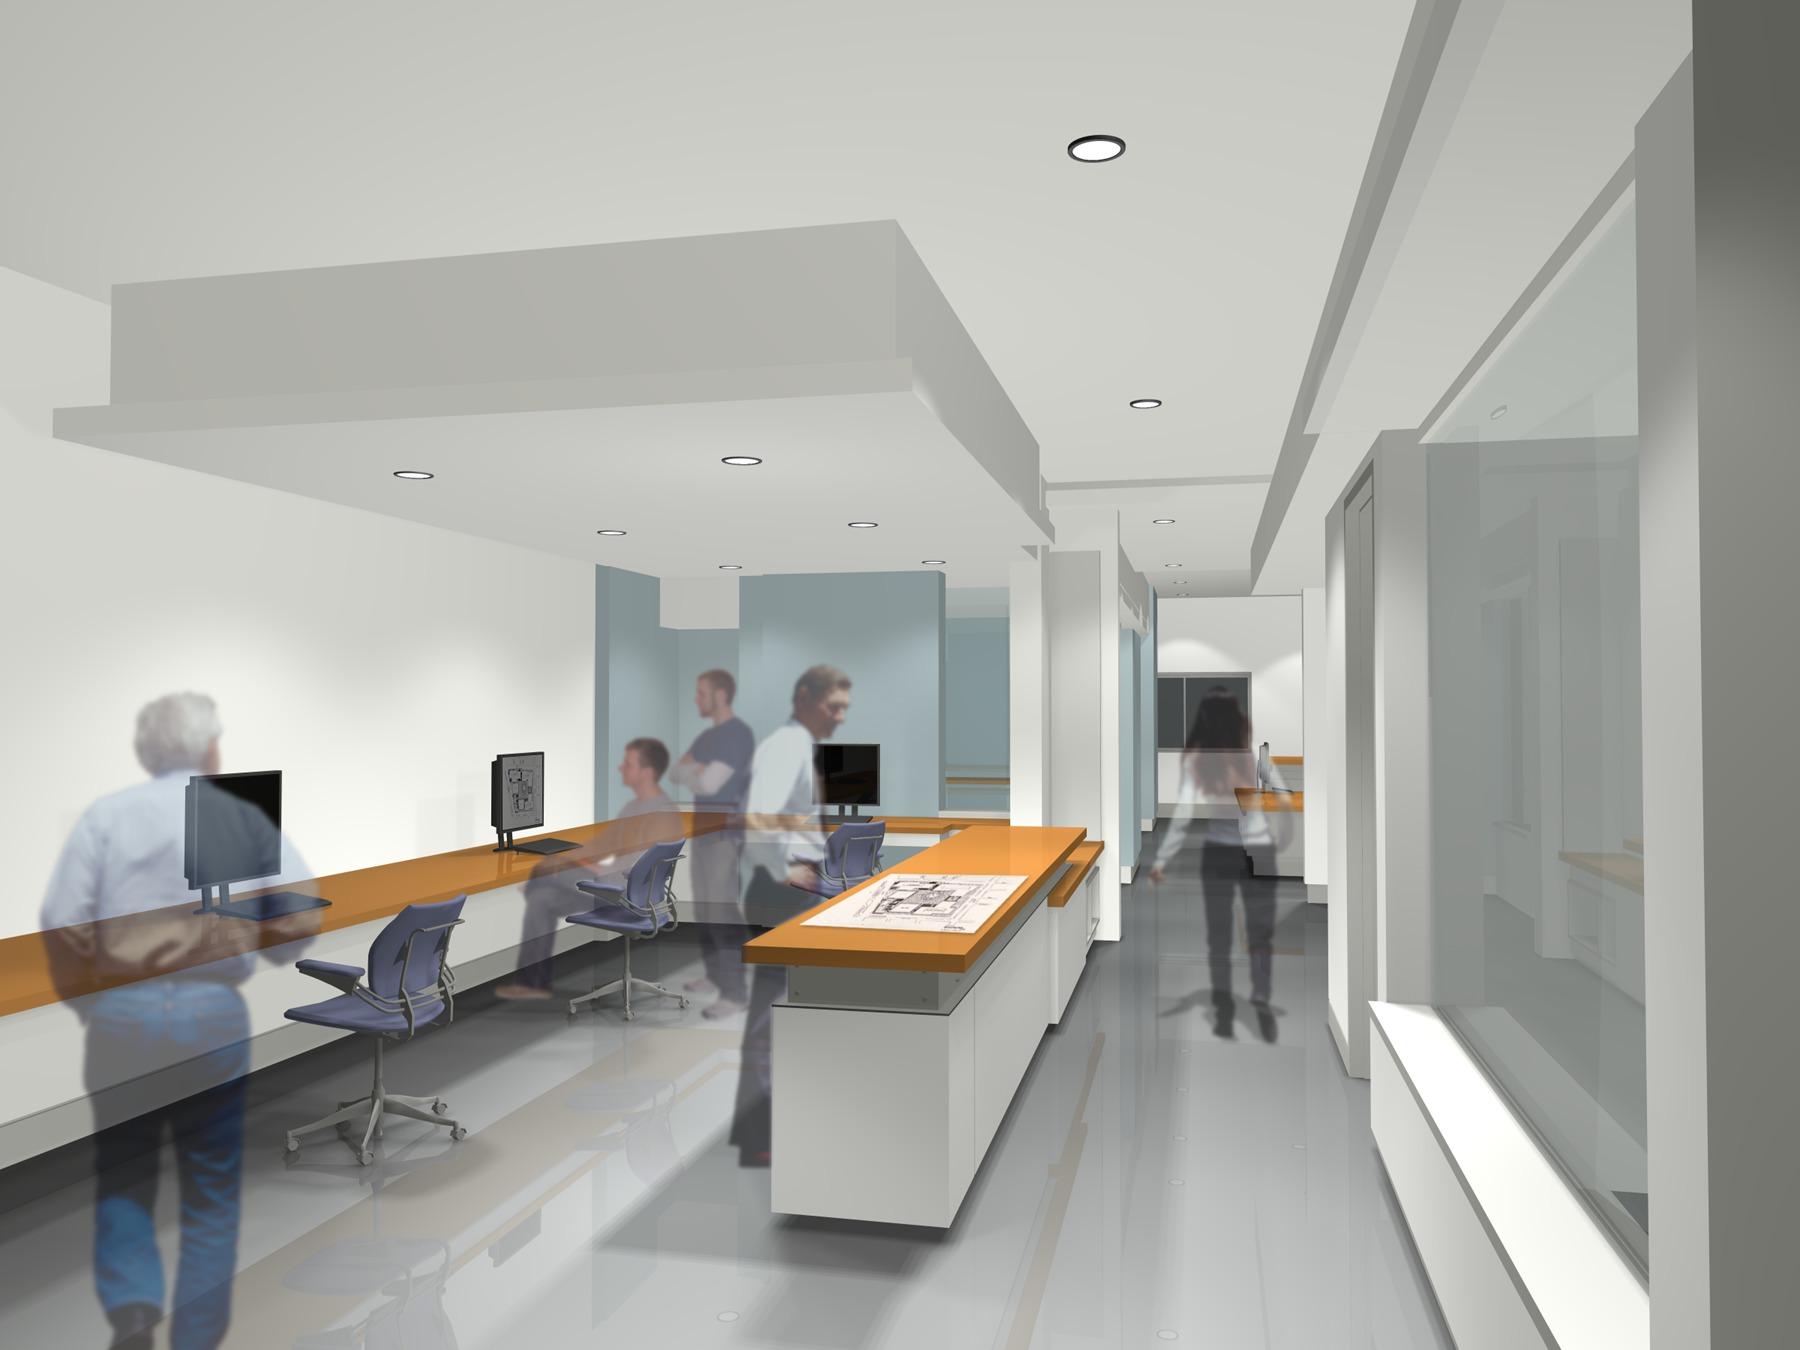 mmd_open-sp-open office-p1c7jlvhu0bd818k8293nse9j4.jpg